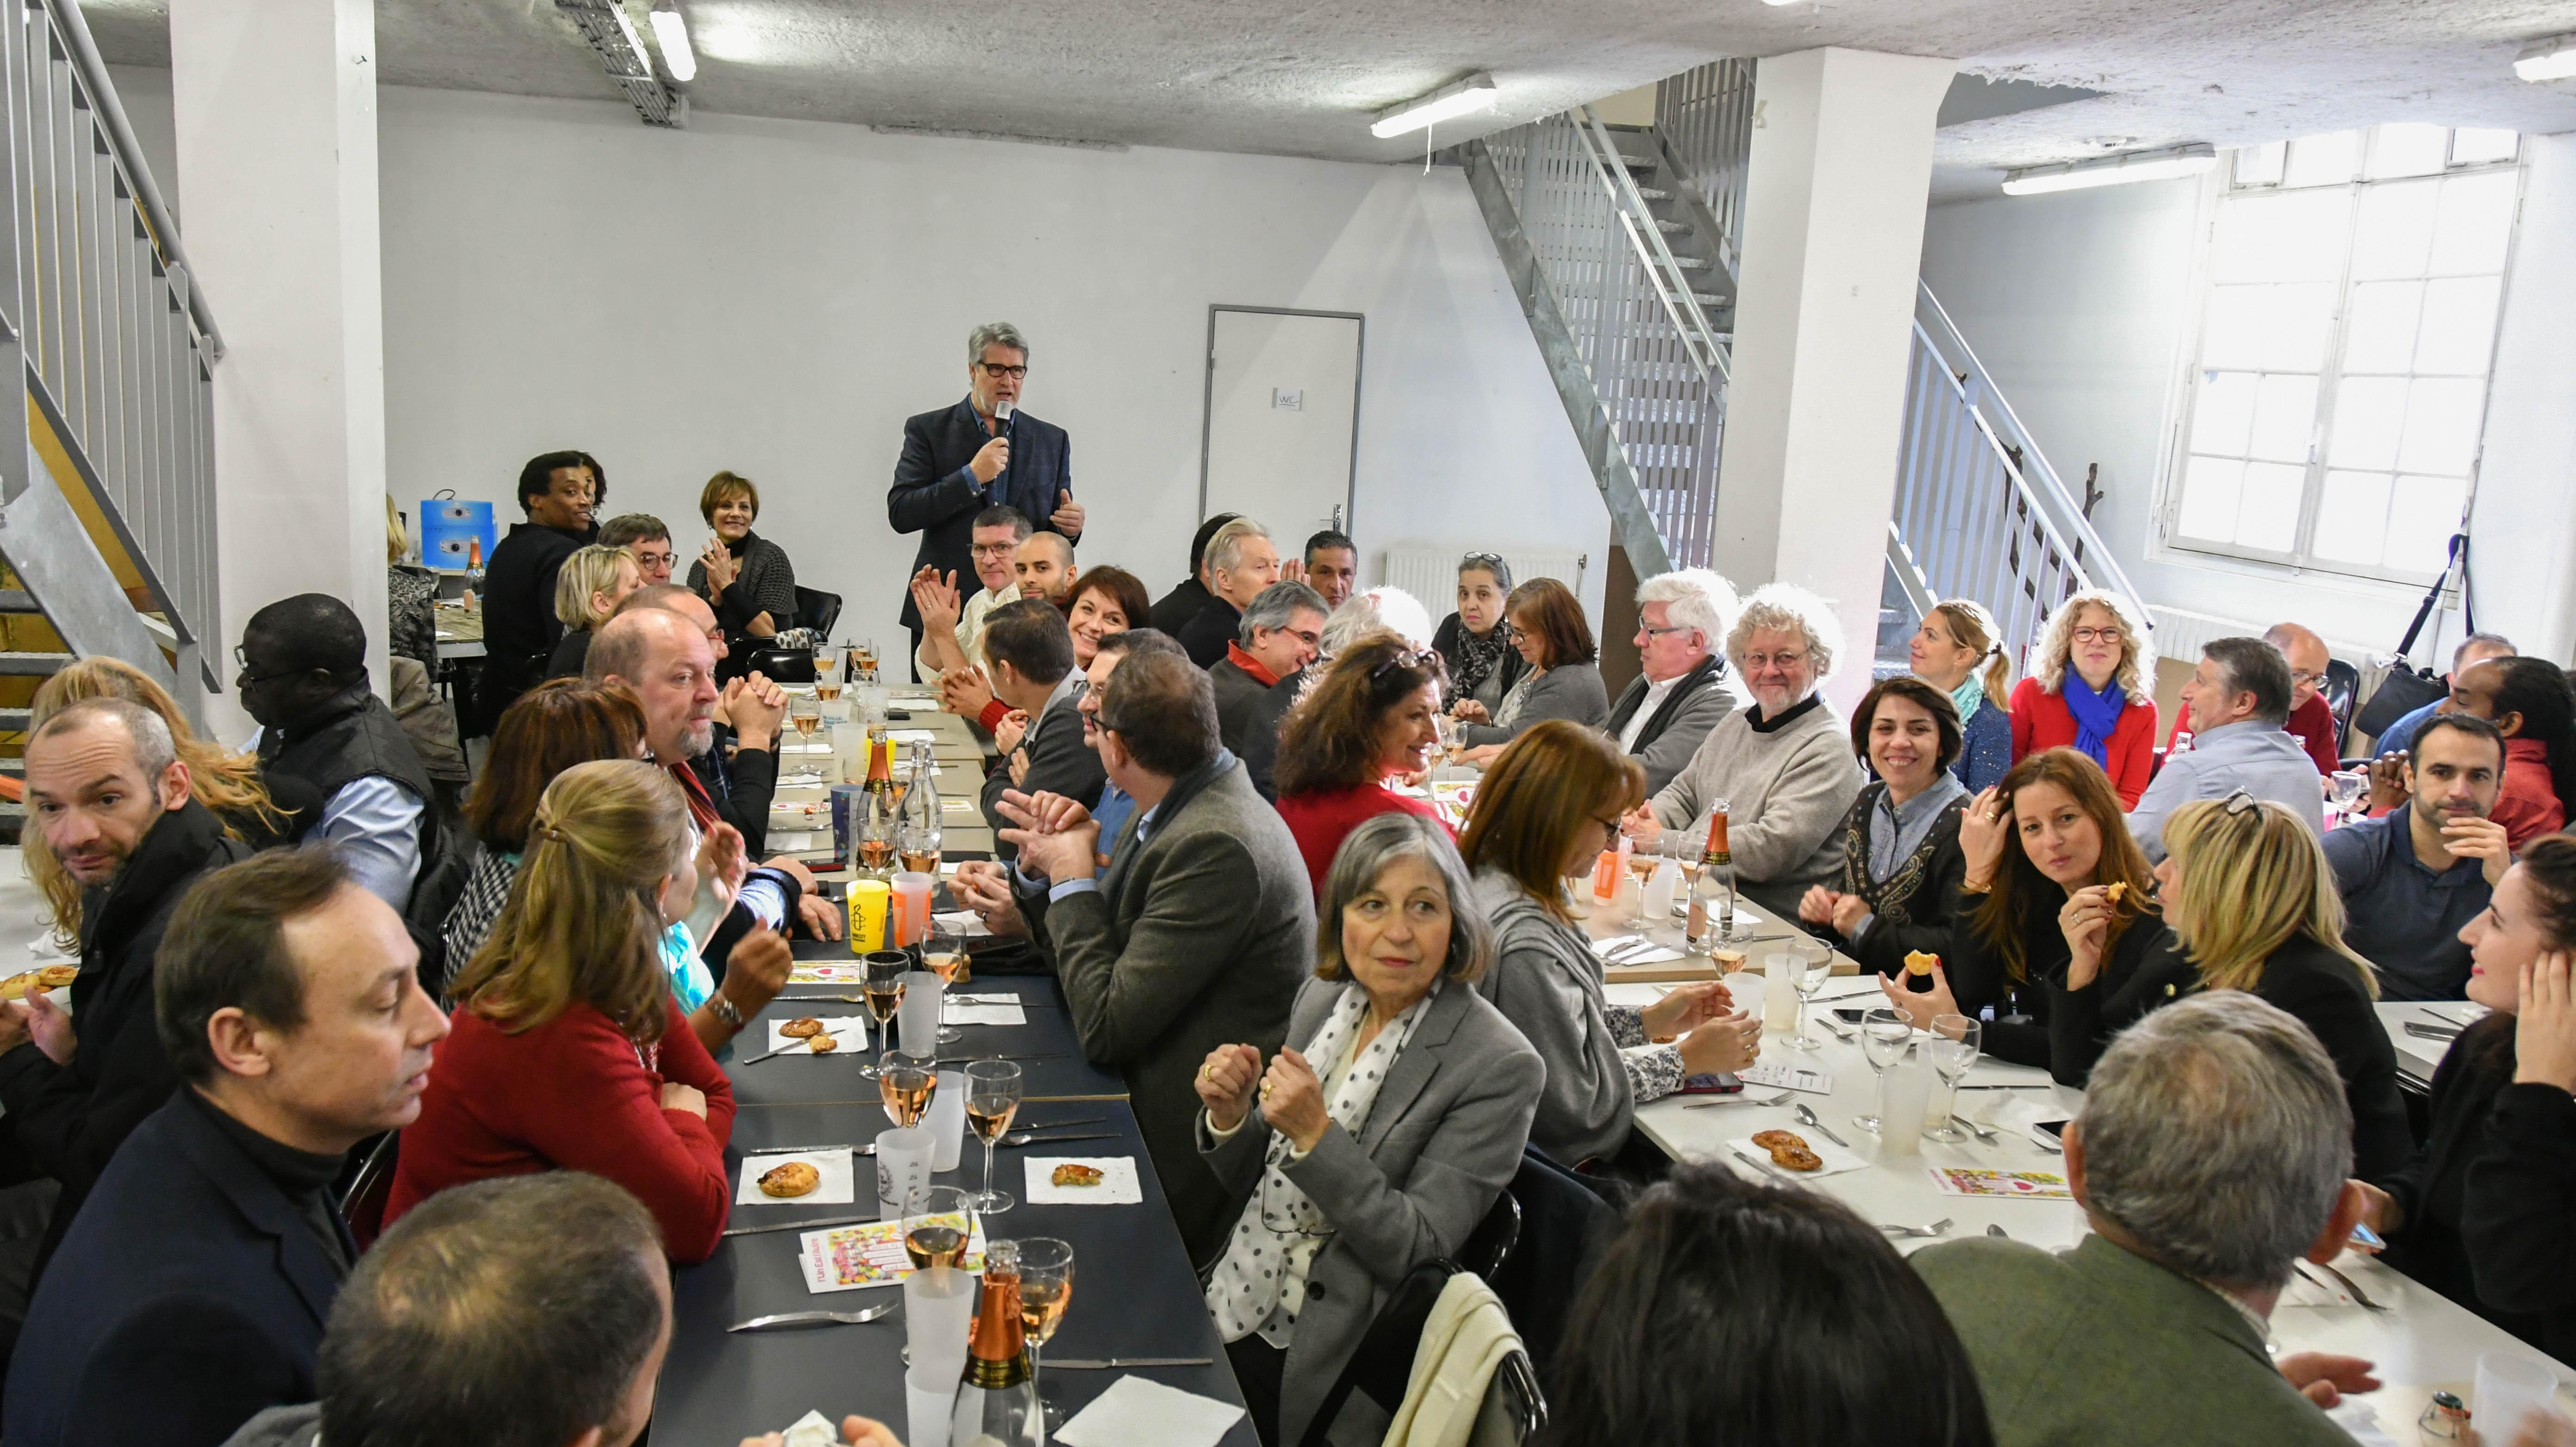 """Près de 100 personnes ont partagé un repas de fête et ont assisté à une performance superbe de la troupe de théâtre d'improvisation """" Le Grand Showtime """" - photo Catherine Cros."""